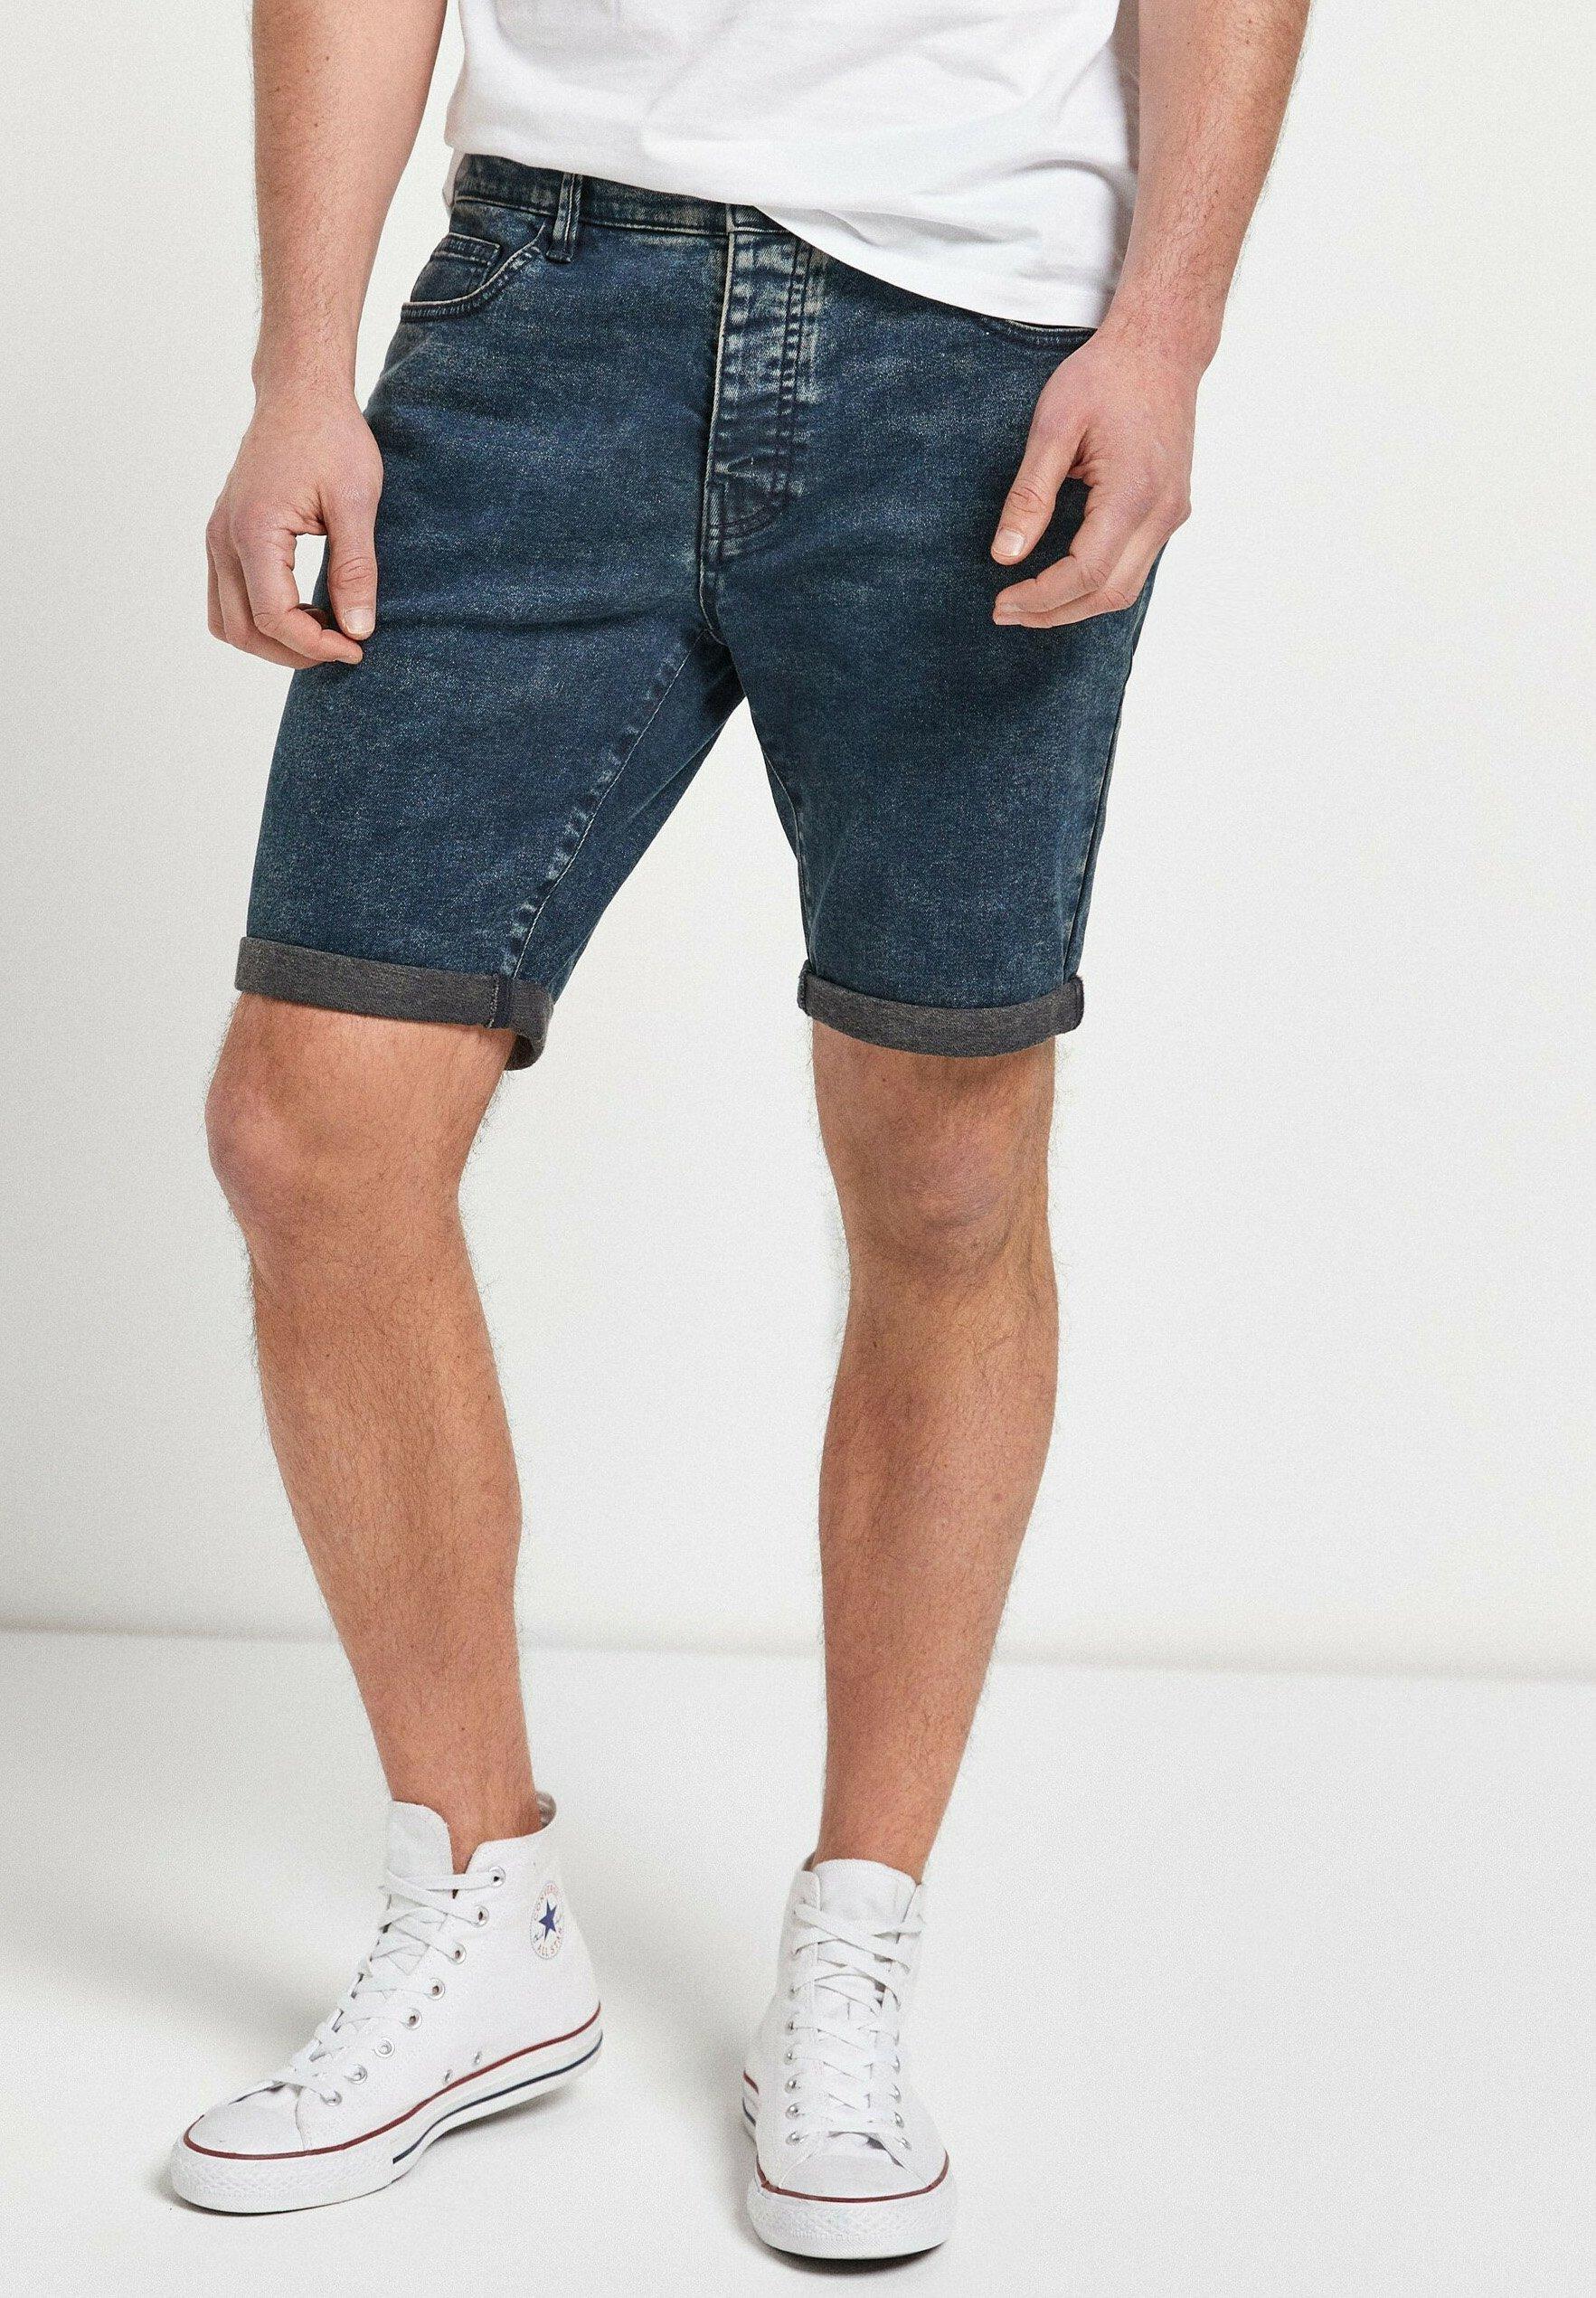 Homme VINTAGE WASH WITH STRETCH - Short en jean